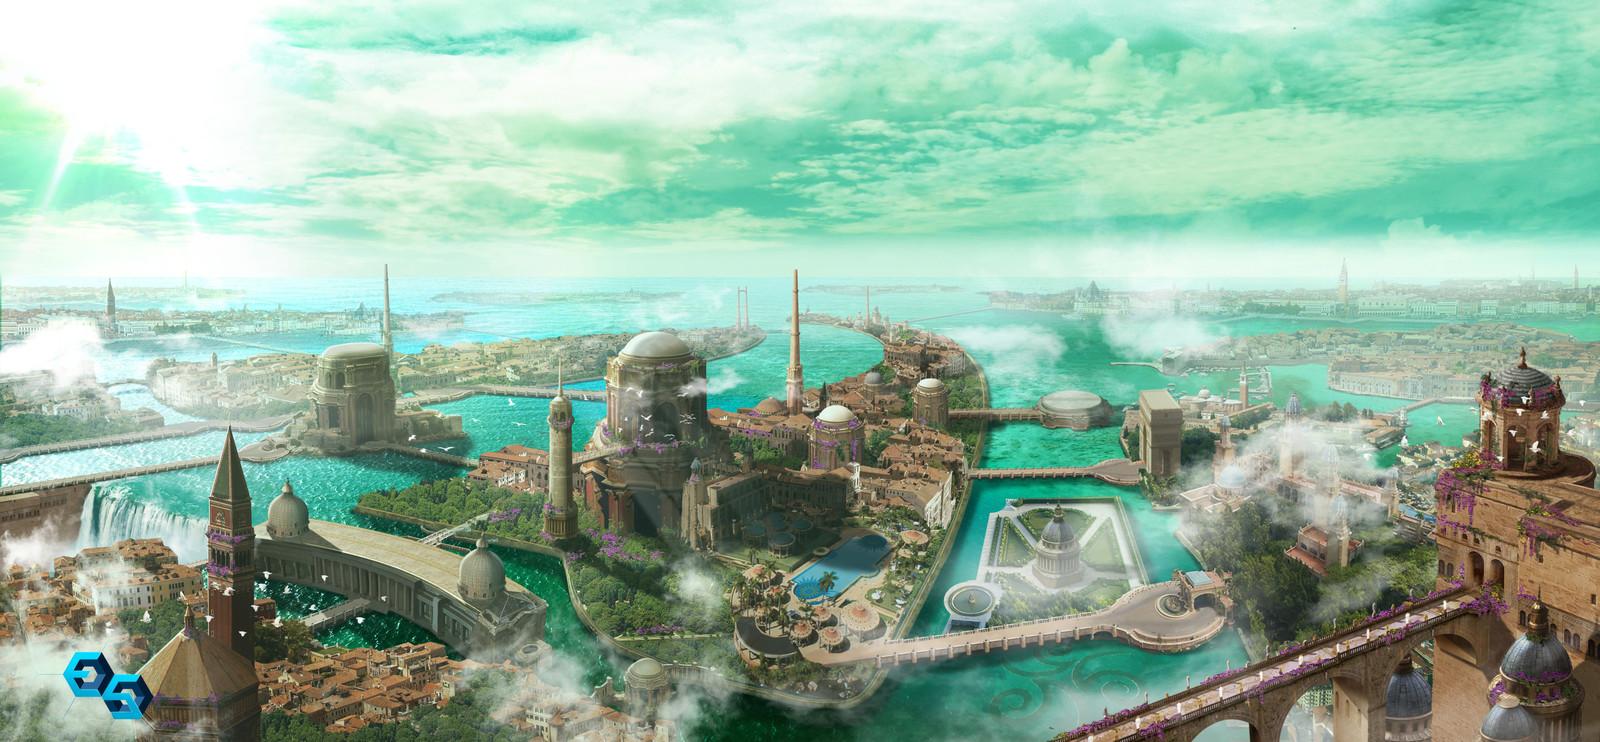 City Concept - Element Space